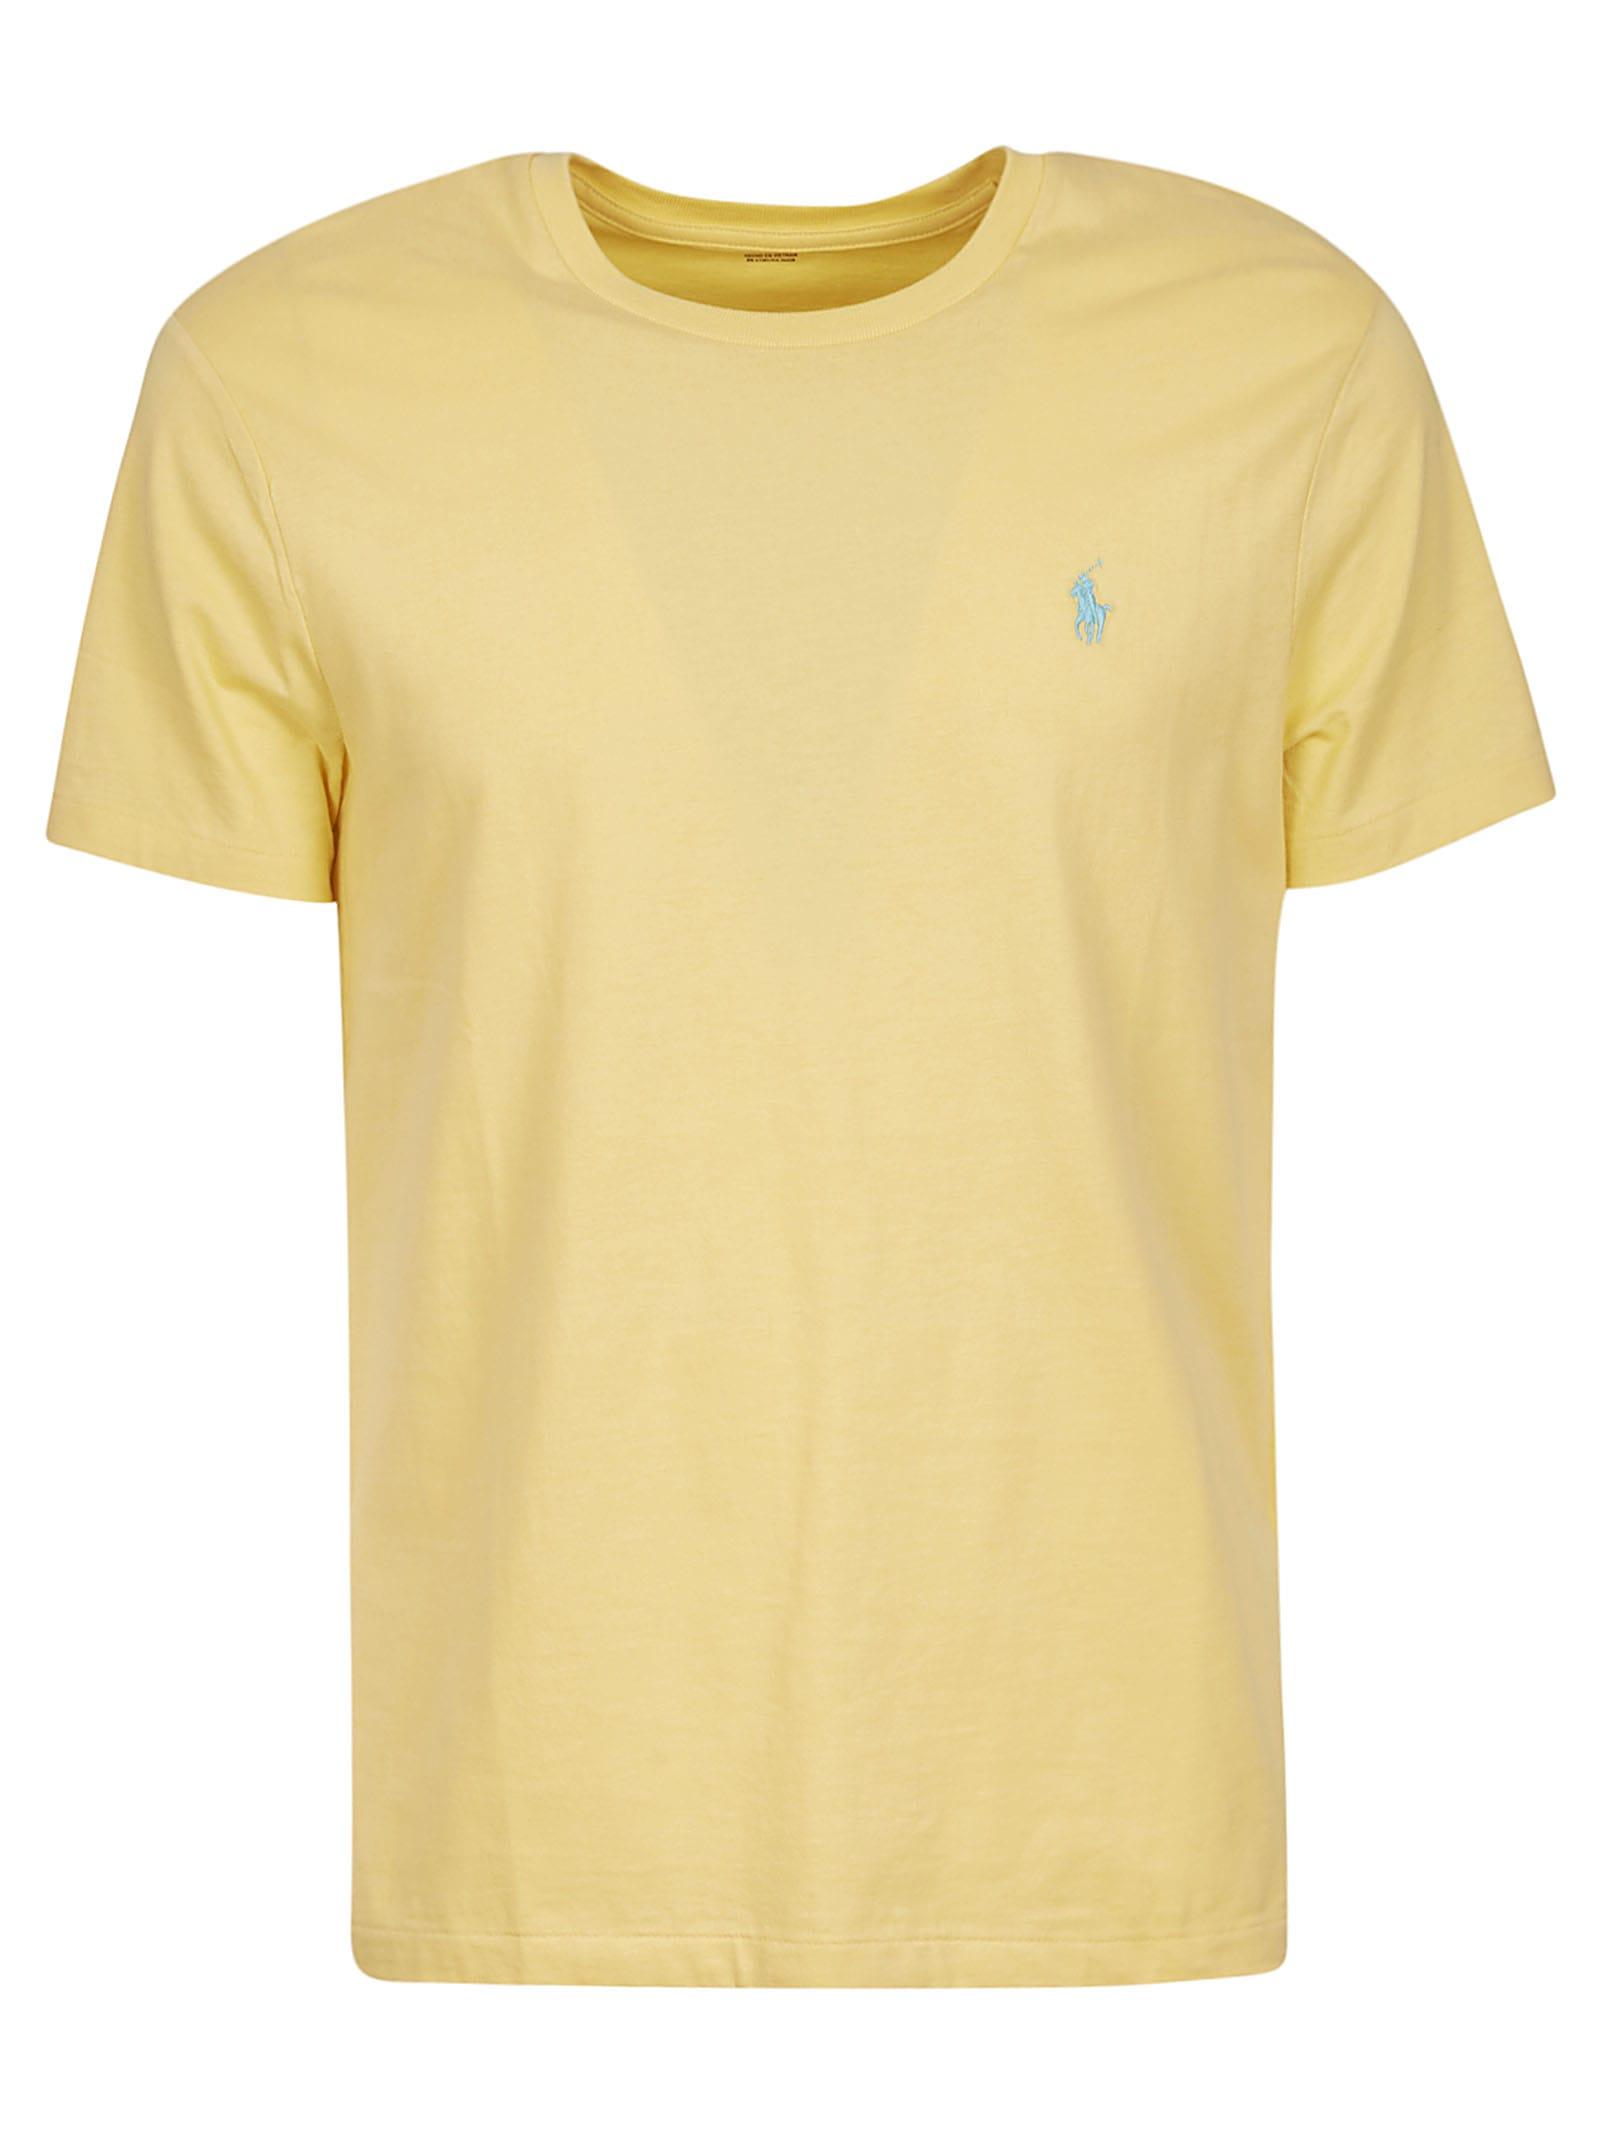 Polo Ralph Lauren Short Sleeve T-Shirt